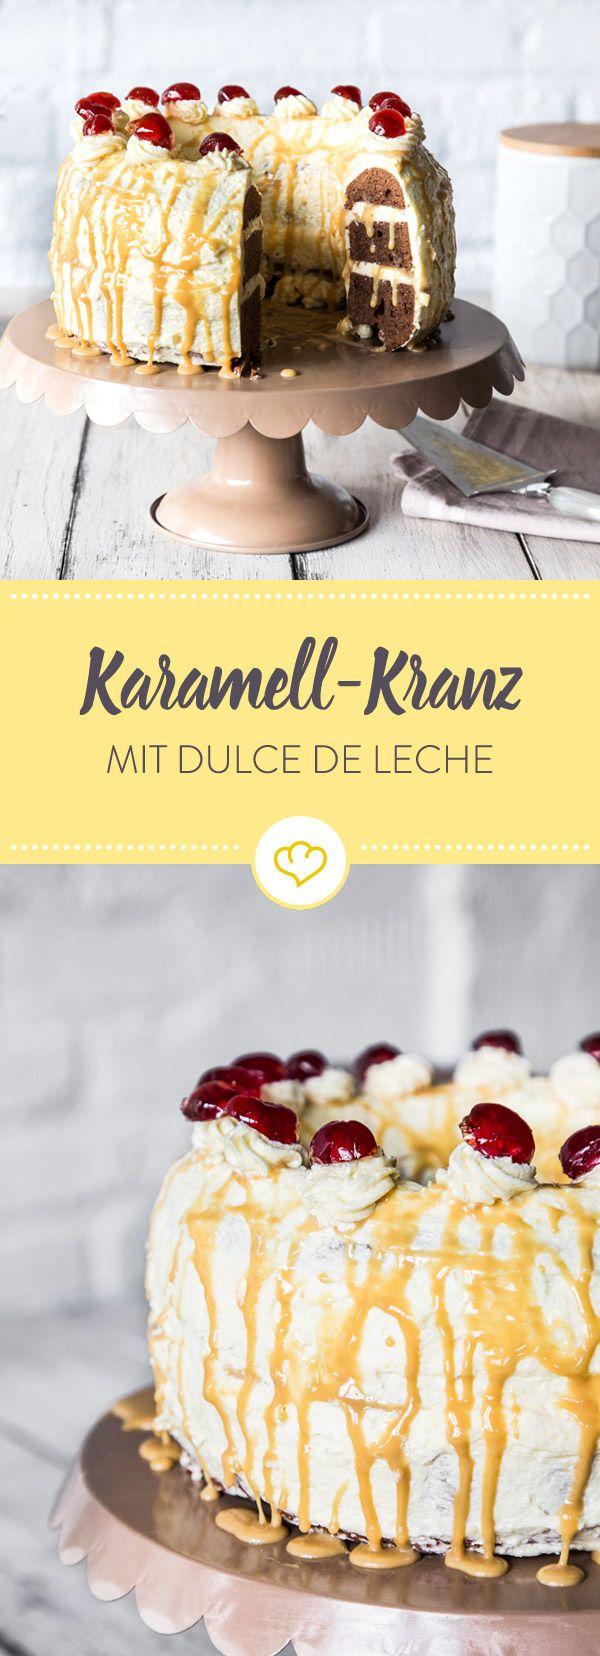 Schokolade, Vanille, Karamell: Diese Variation vom Frankfurter Kranz bringt maximales Glücksgefühl auf deine Gabel. Augen zu und genießen!